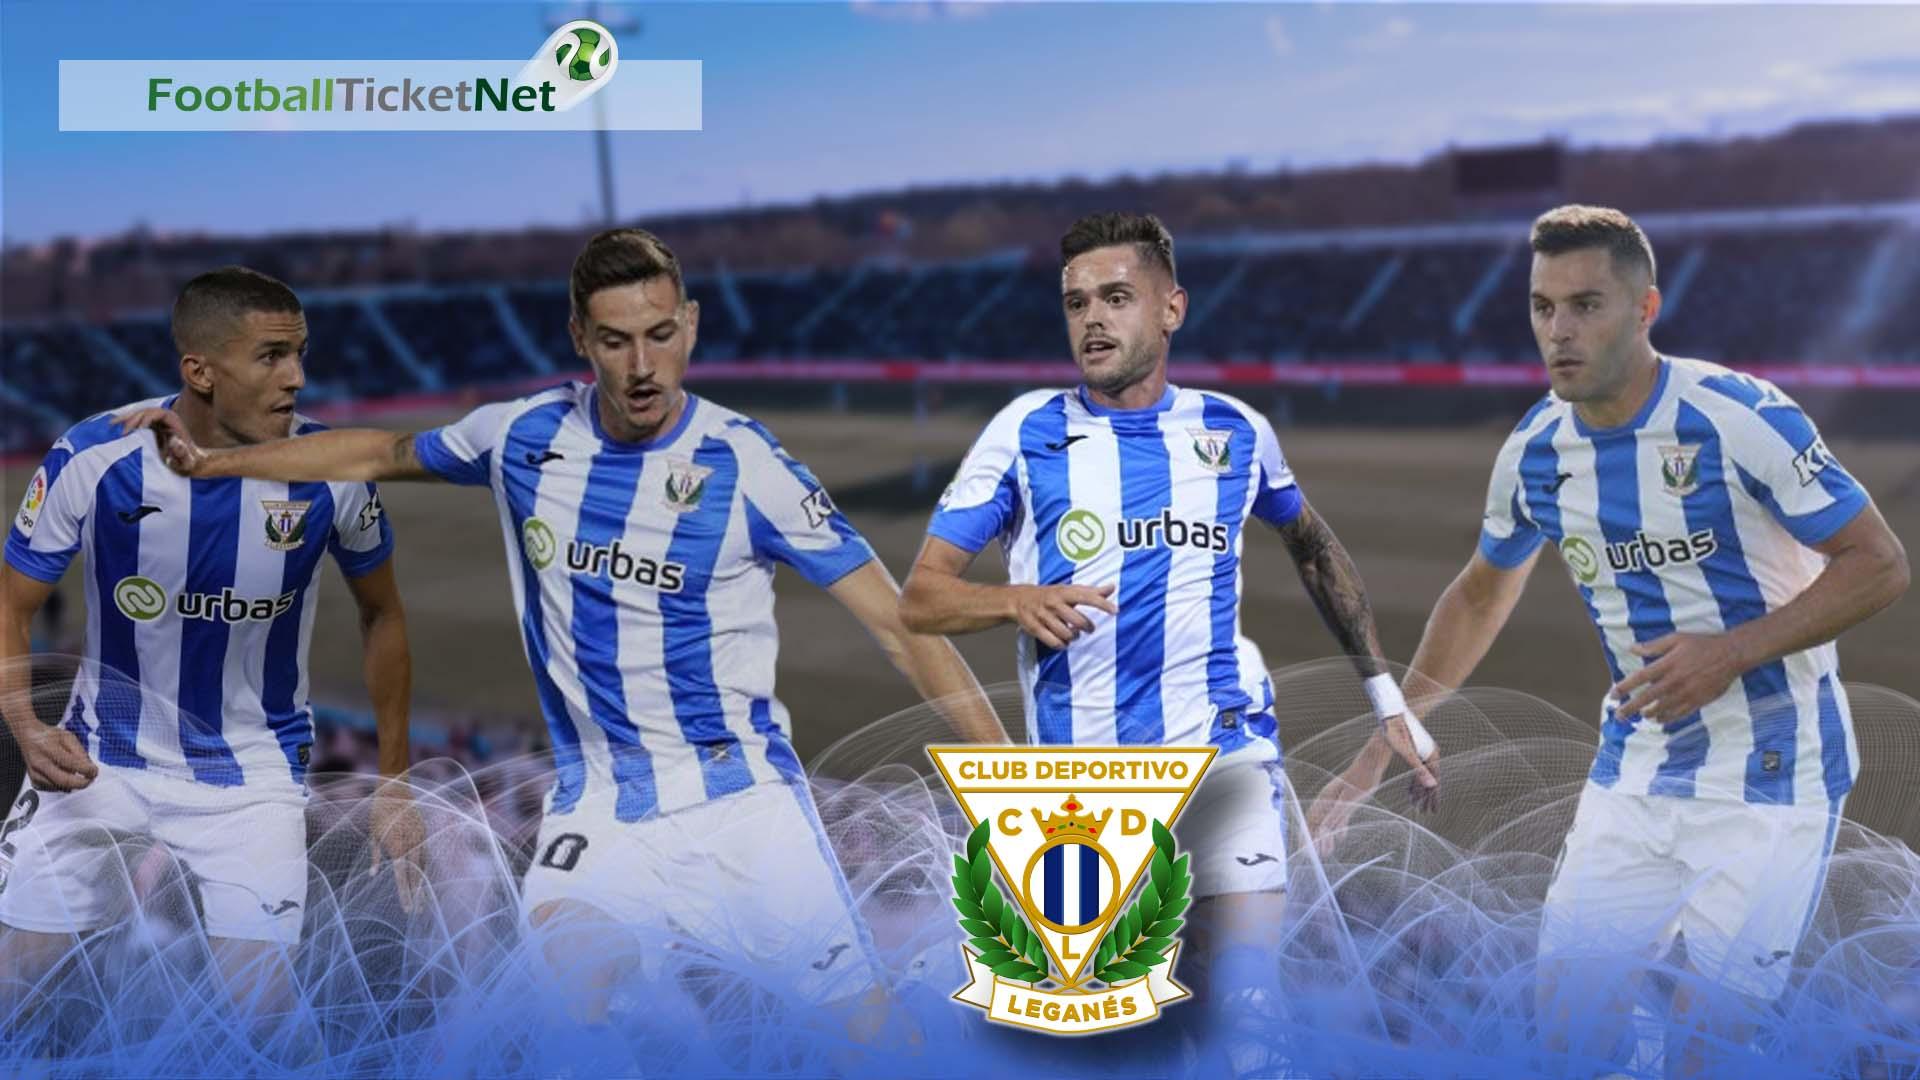 Buy Cd Leganes Football Tickets 2019 20 Football Ticket Net